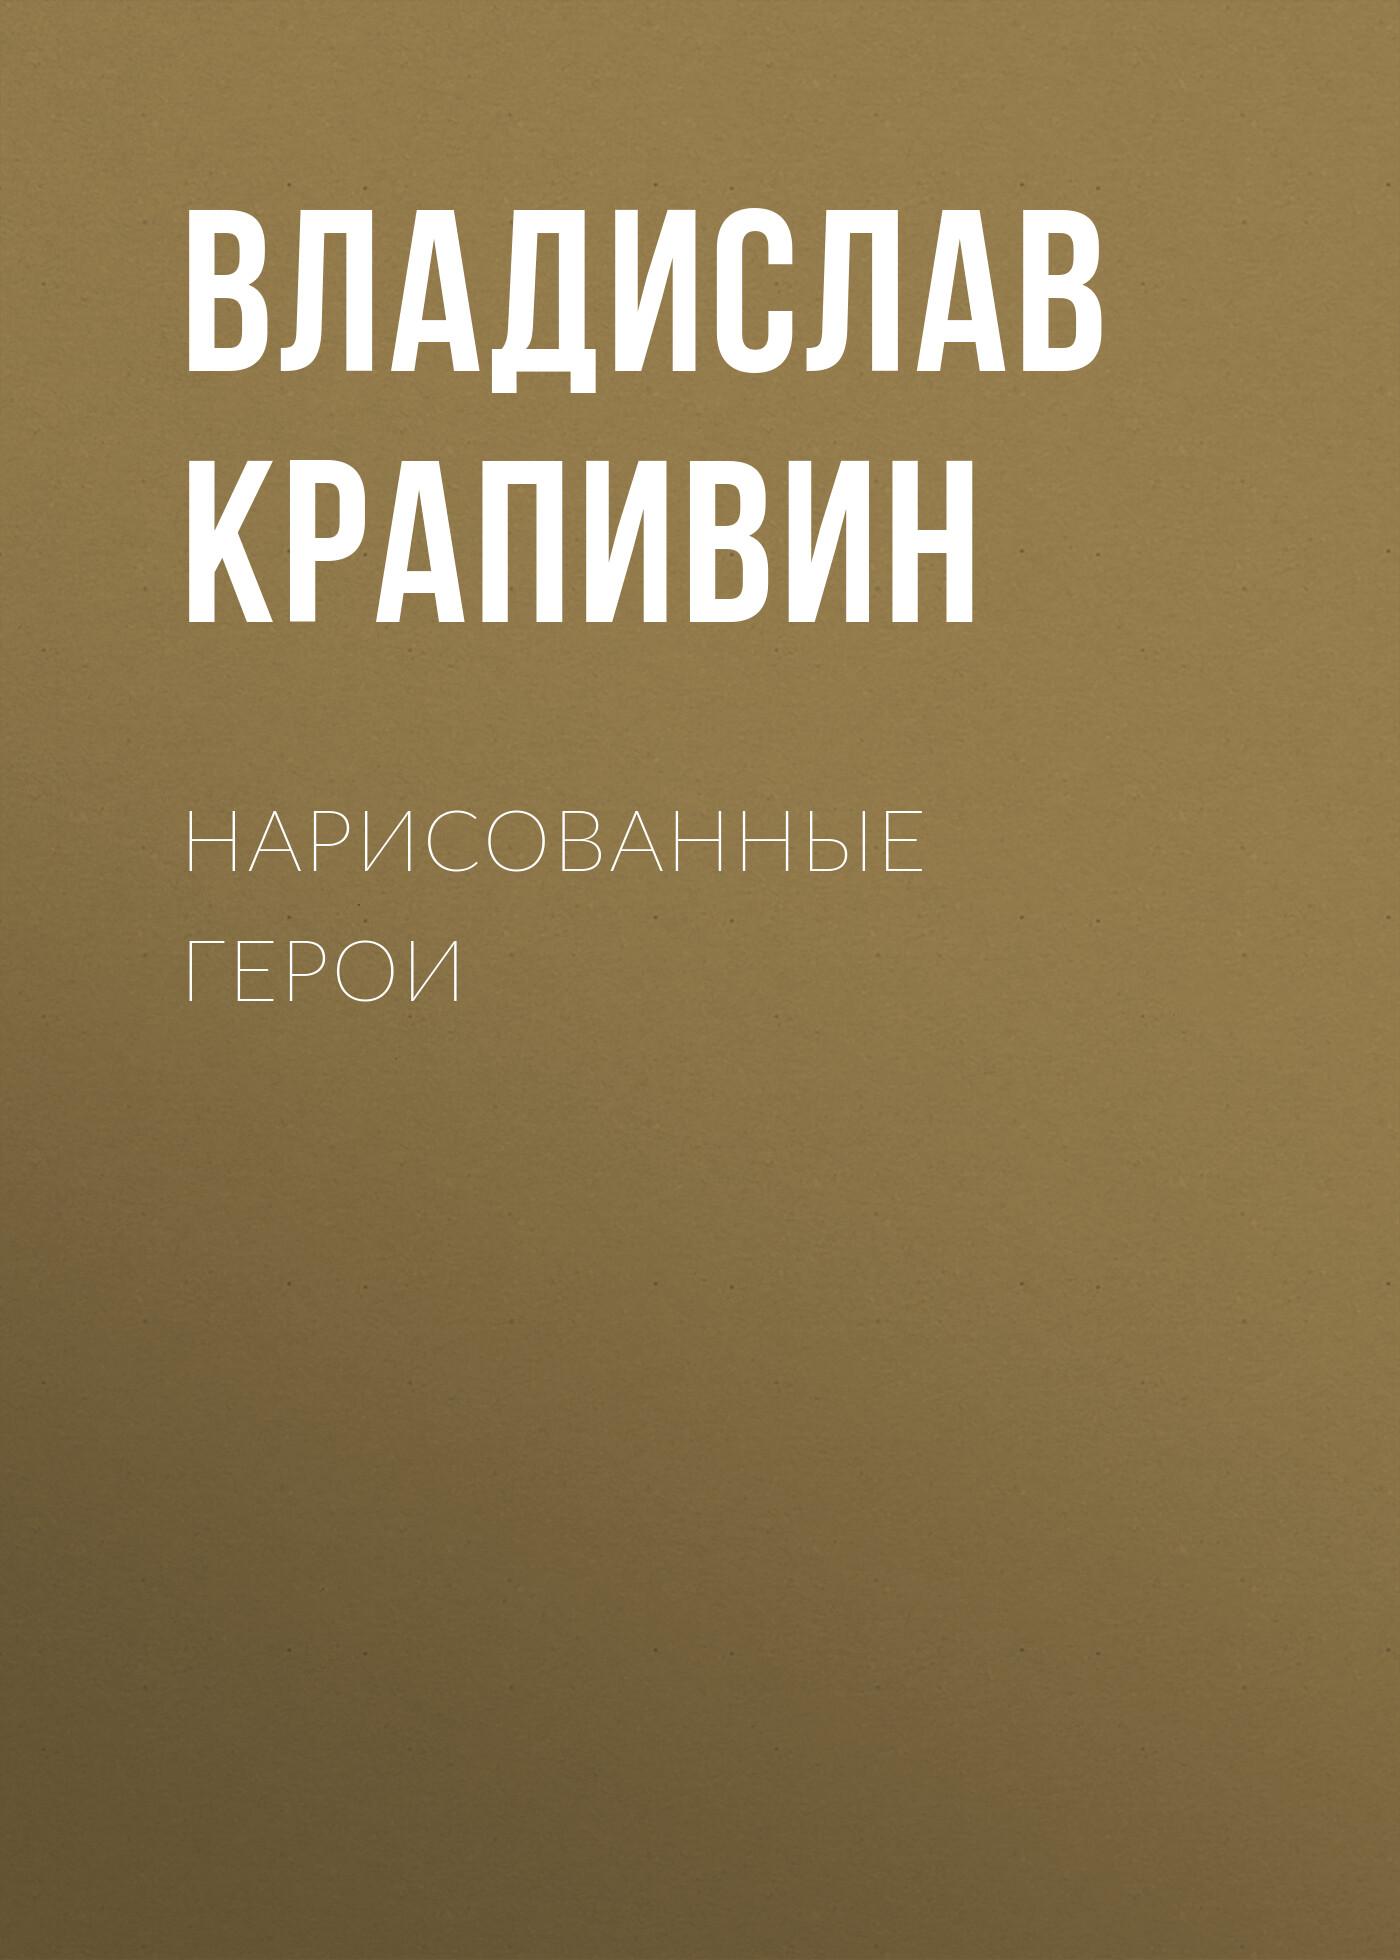 Владислав Крапивин Нарисованные герои владислав крапивин мальчик девочку искал